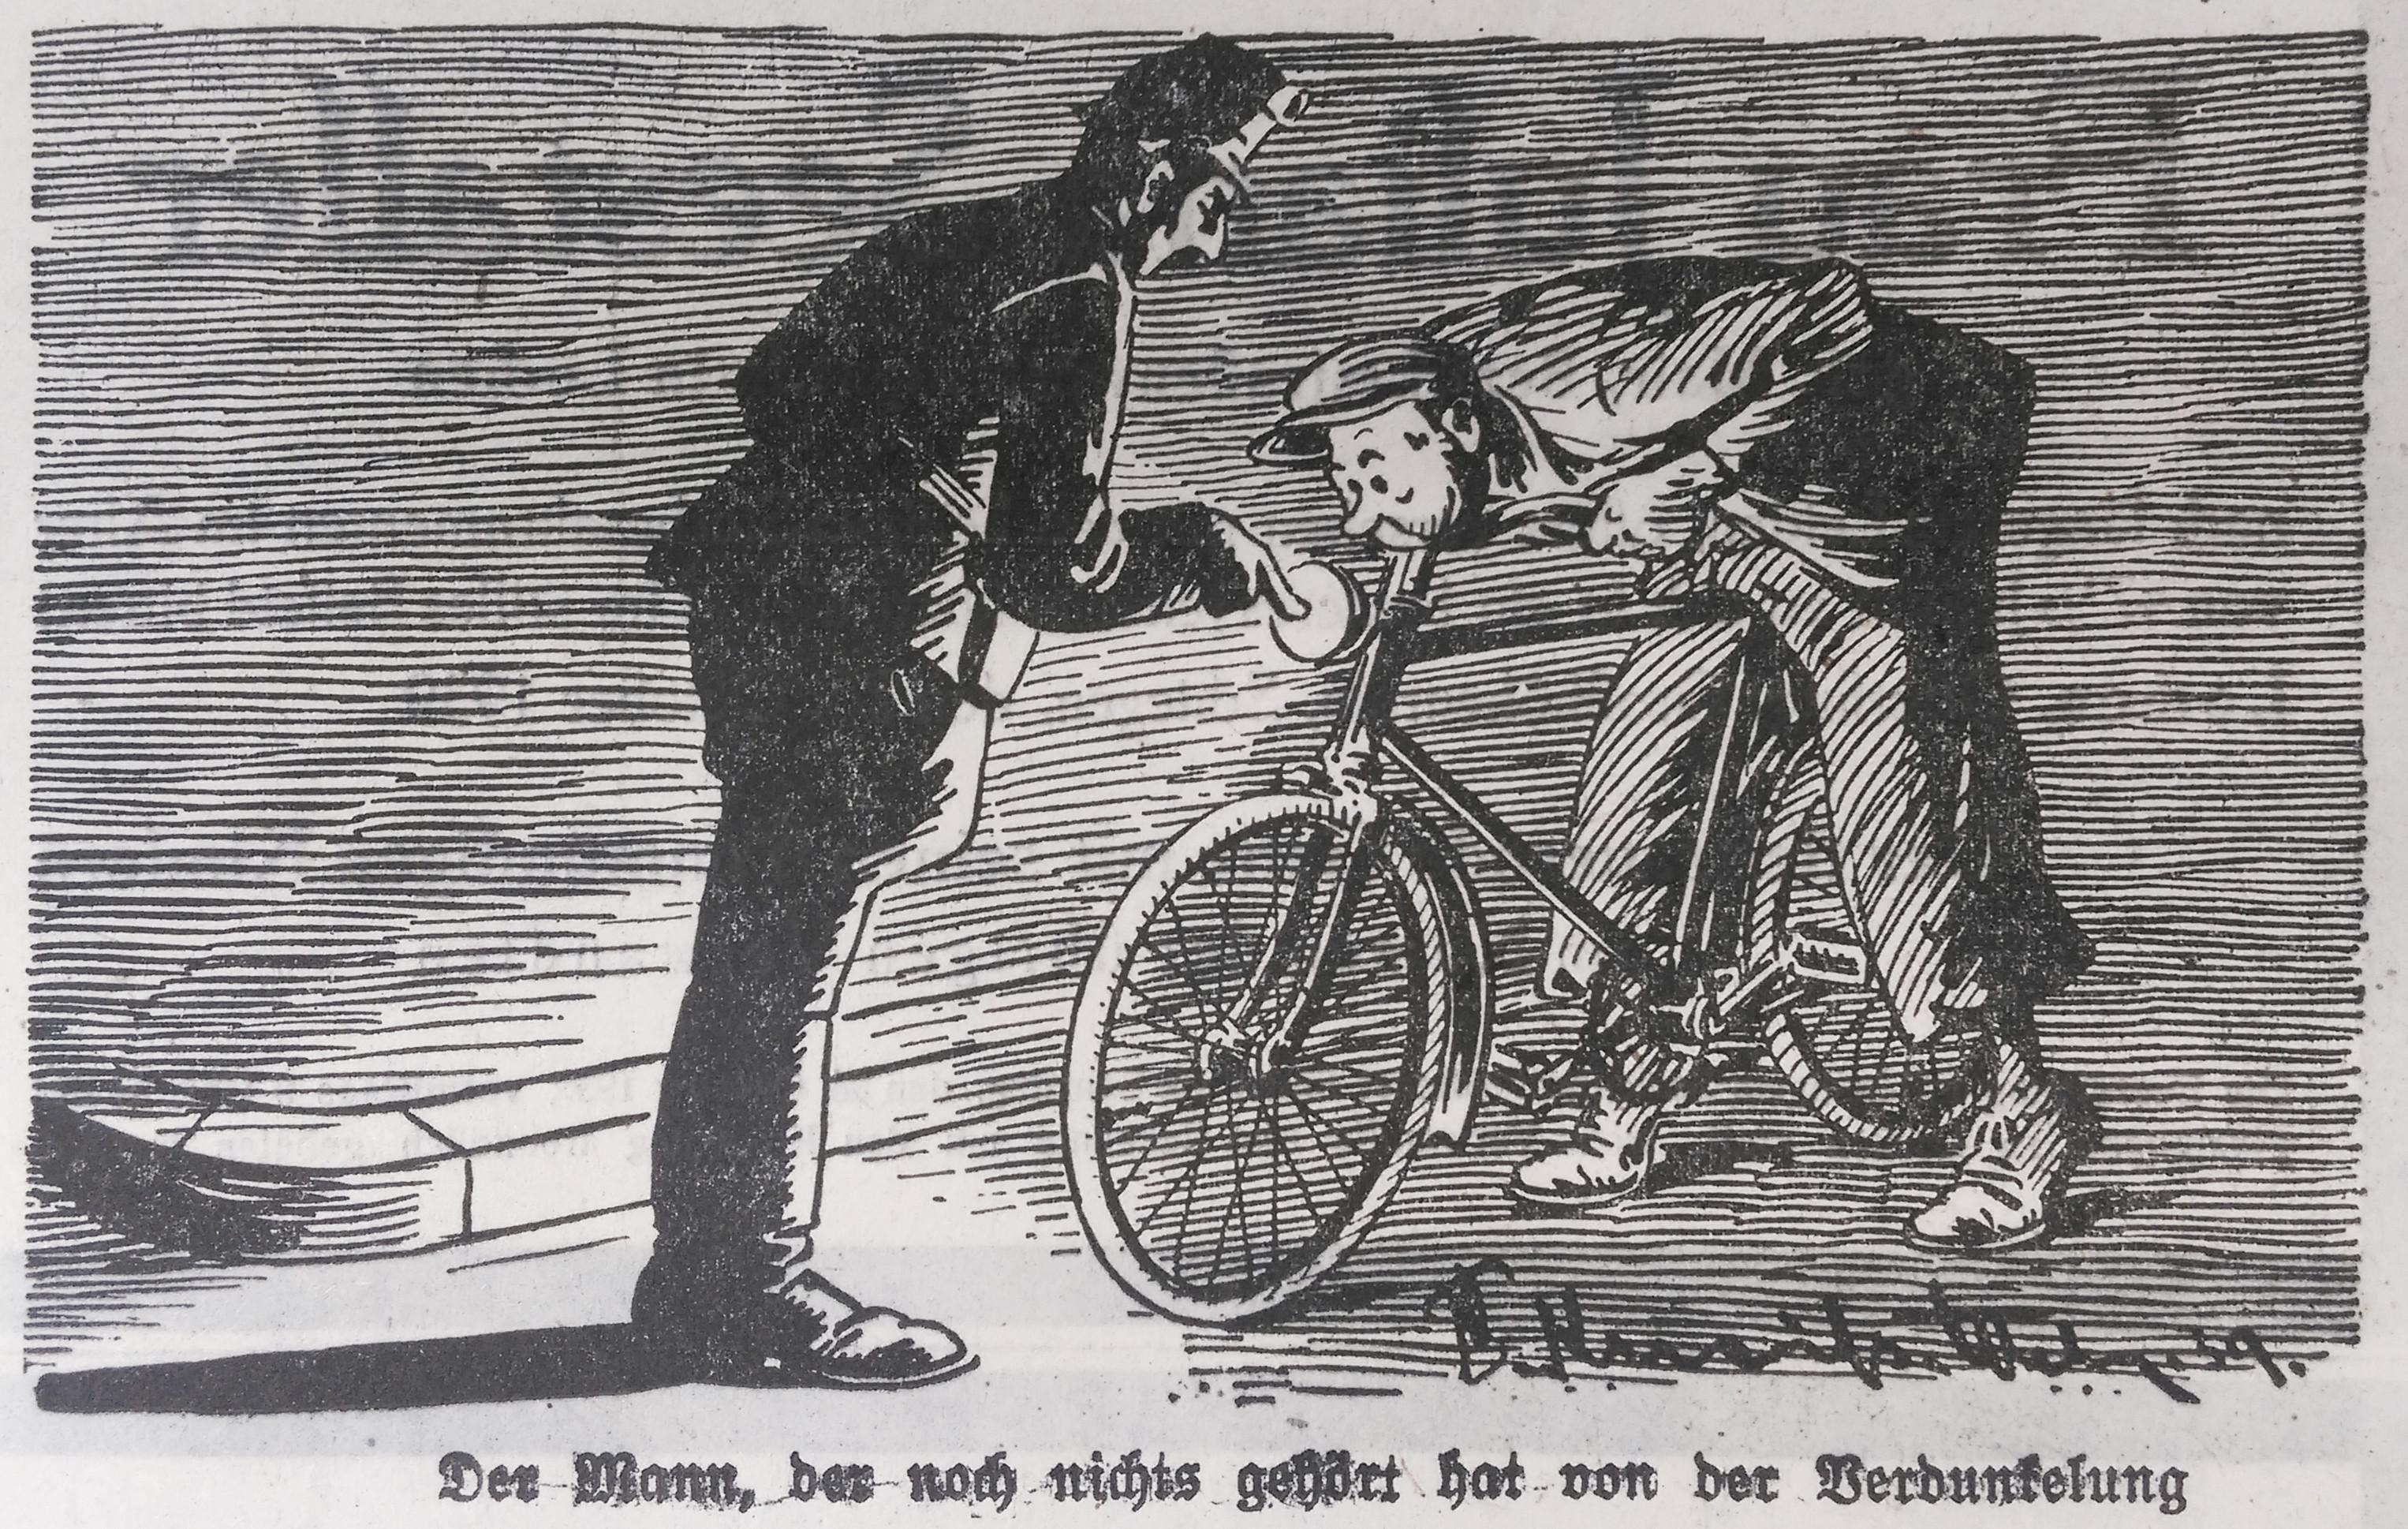 Bild: Radfahrer, der noch nichts von der Verdunkelung gehört hat